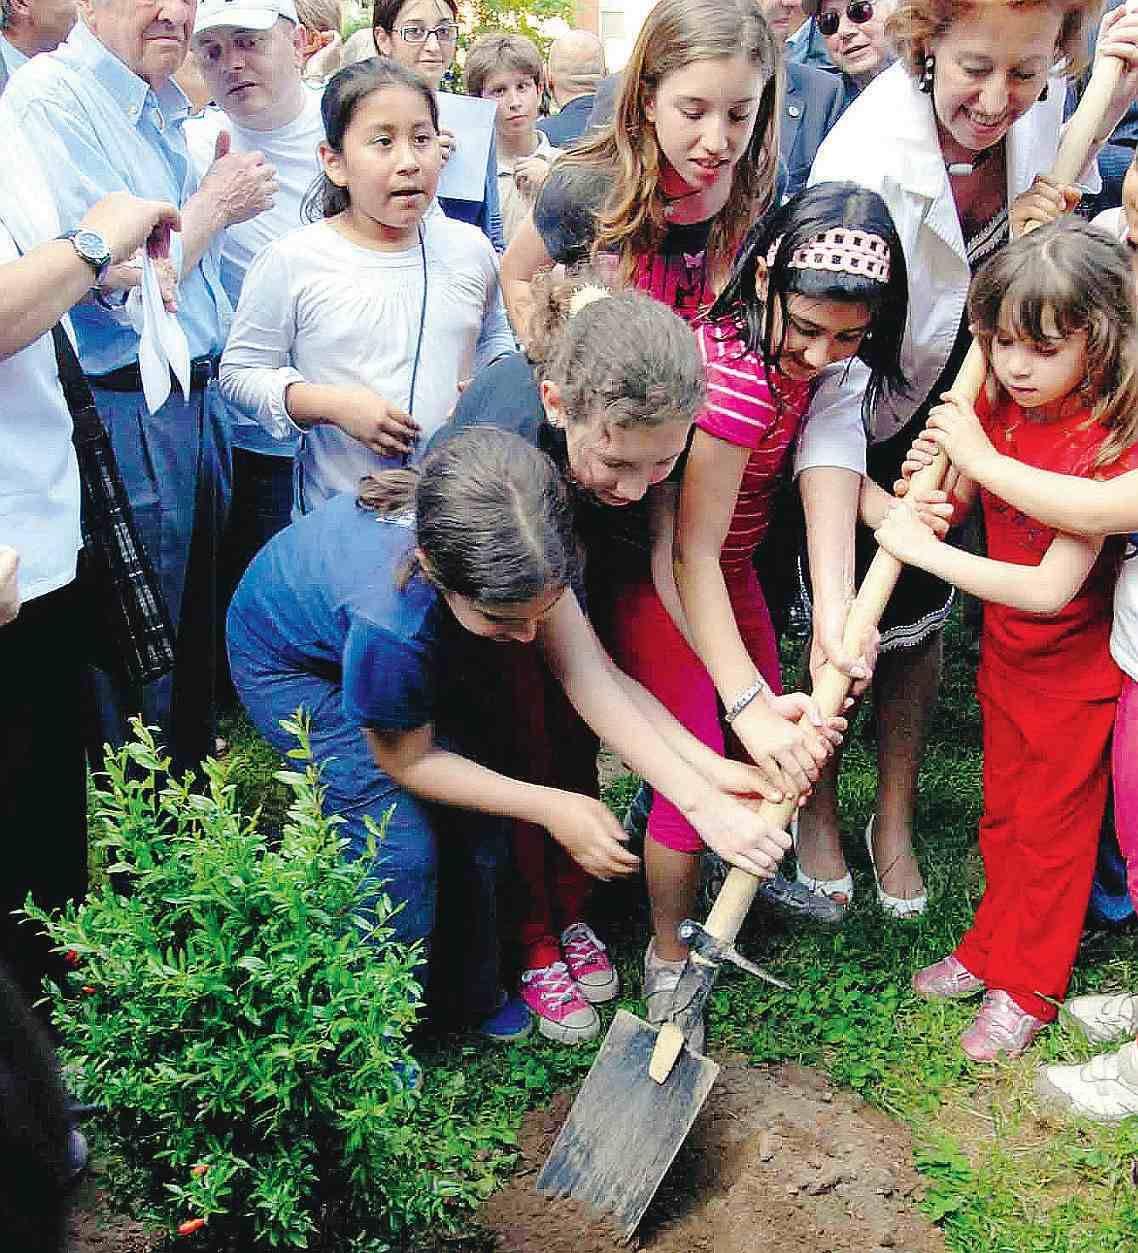 """Fra i palazzi spunta il giardino fai da te  La Moratti: """"Un esempio per tutta la città"""""""